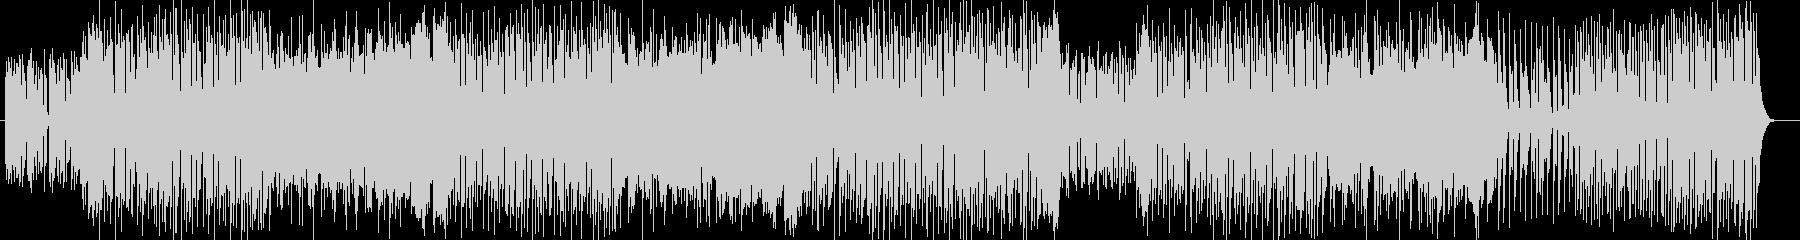 メルヘンなオルガンなどの演奏曲の未再生の波形